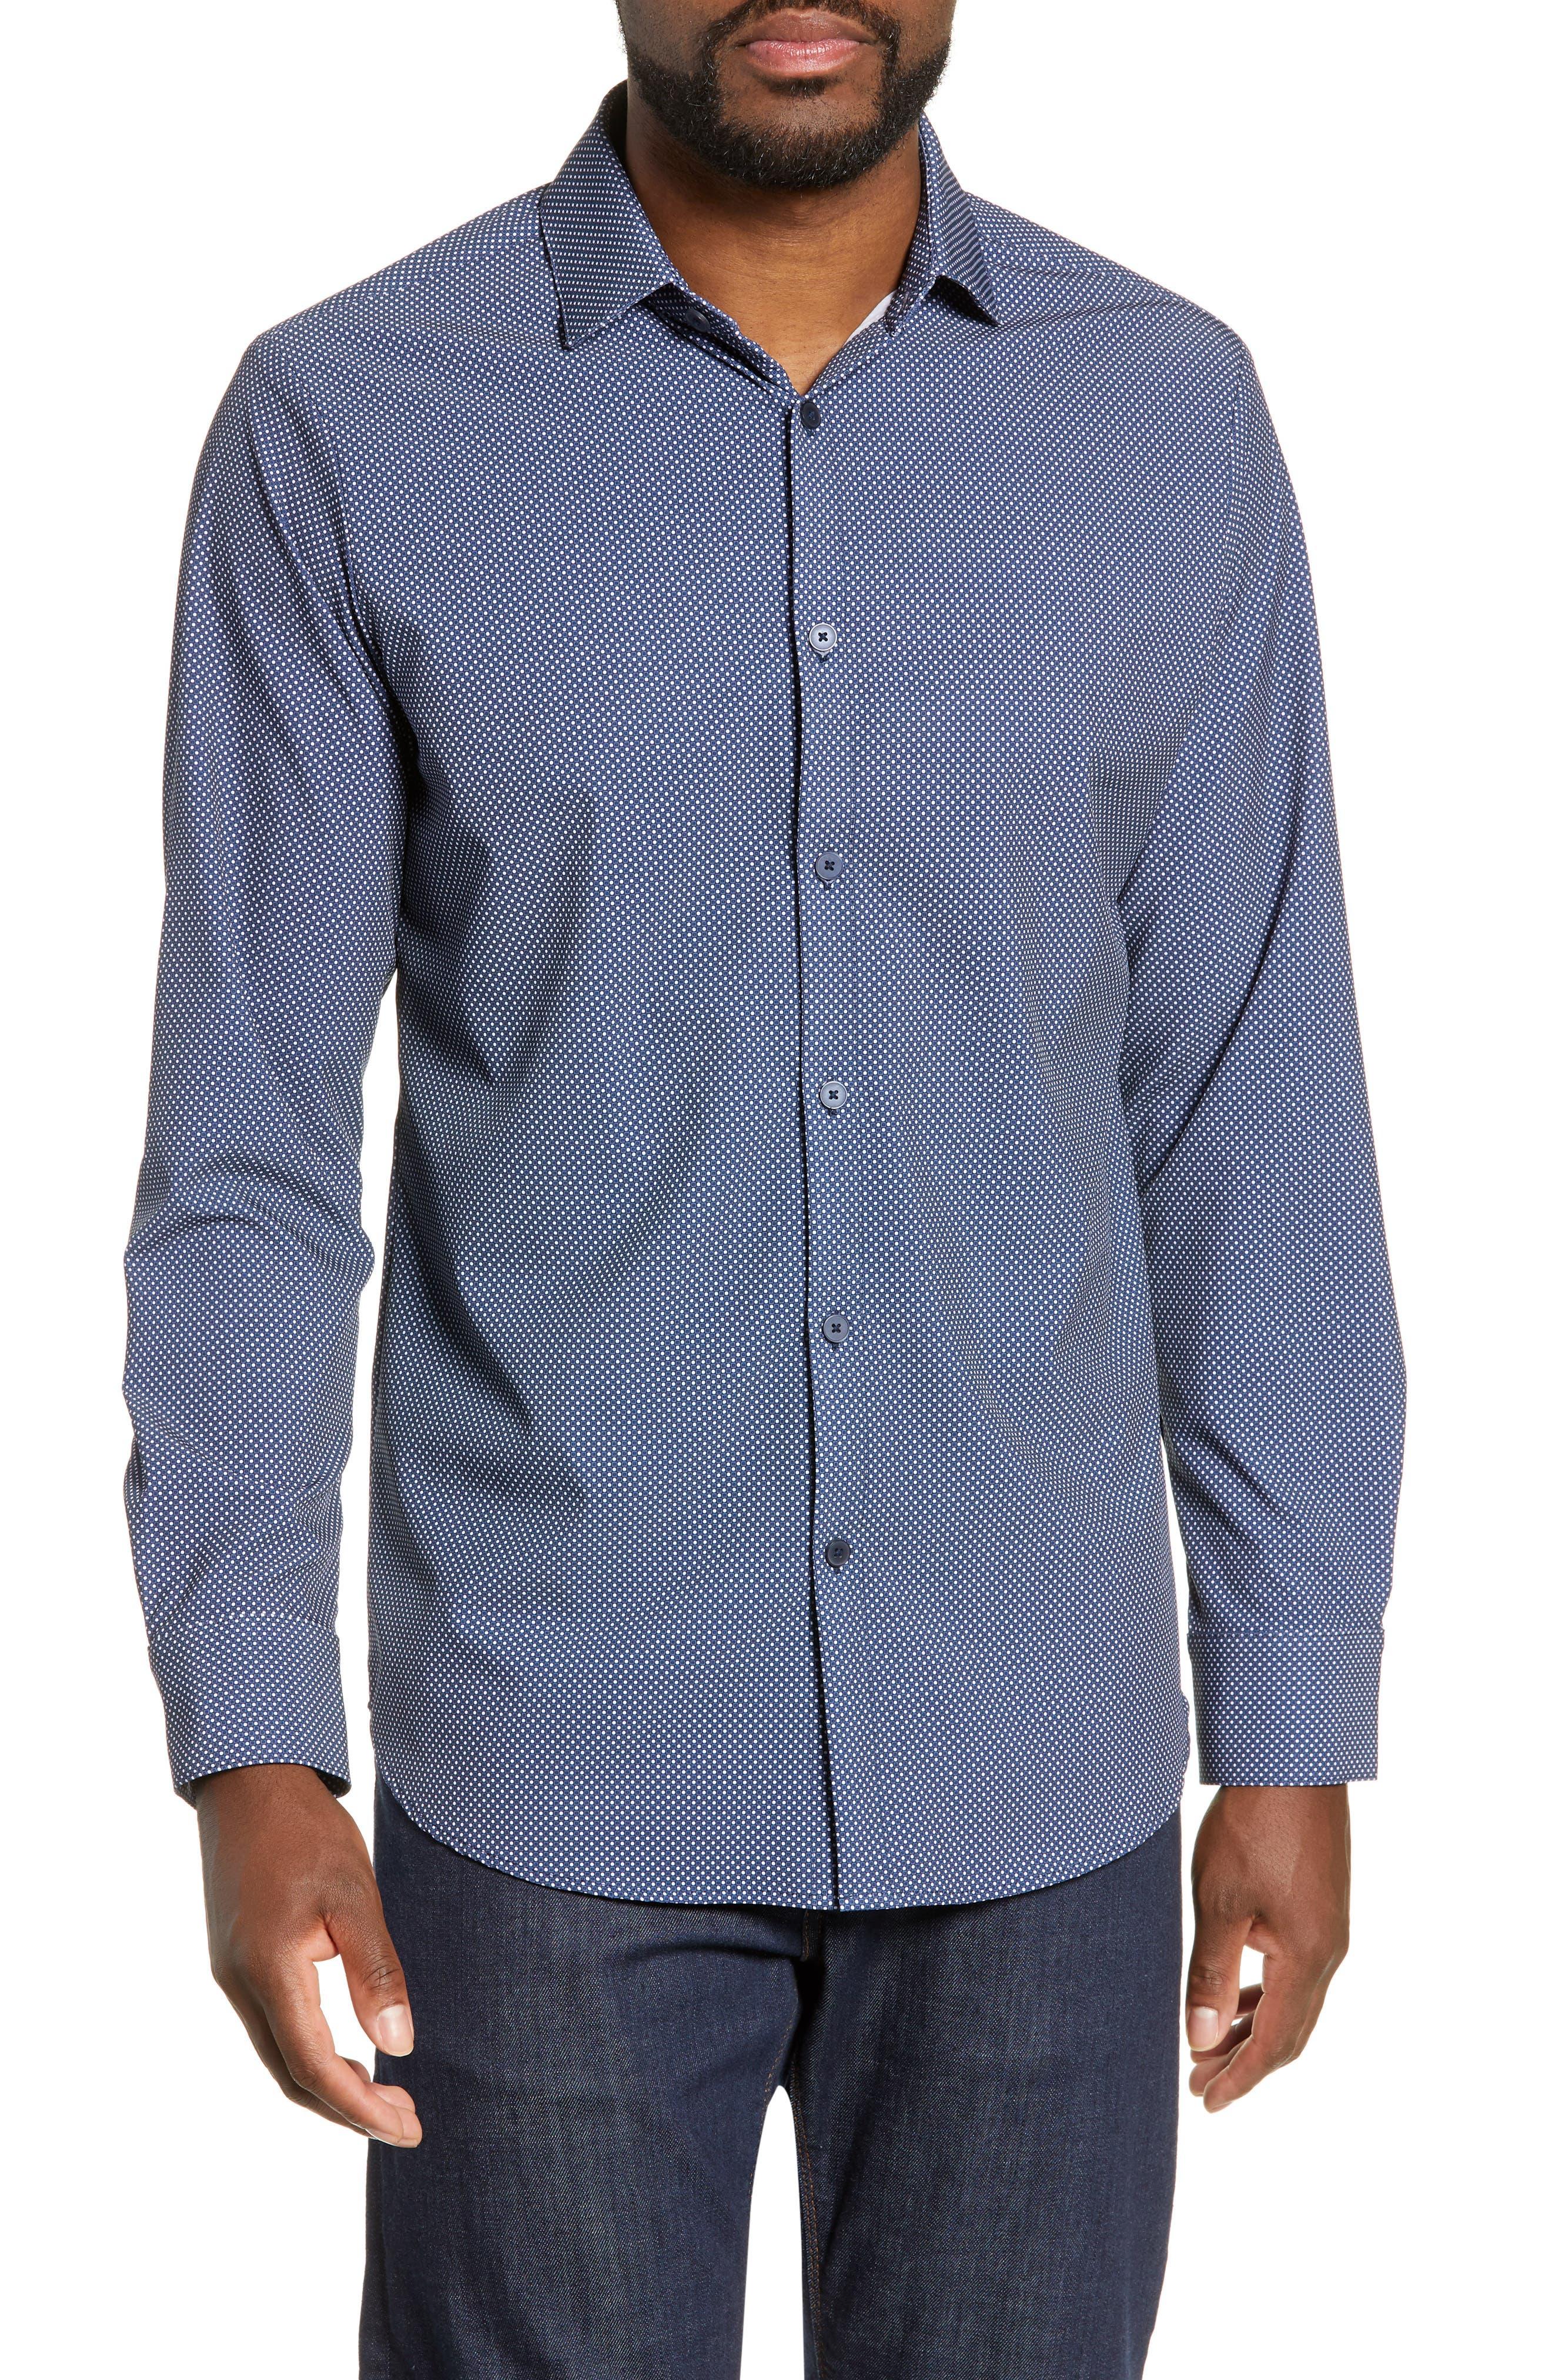 MIZZEN+MAIN, Murray Trim Fit Plaid Performance Sport Shirt, Main thumbnail 1, color, NAVY